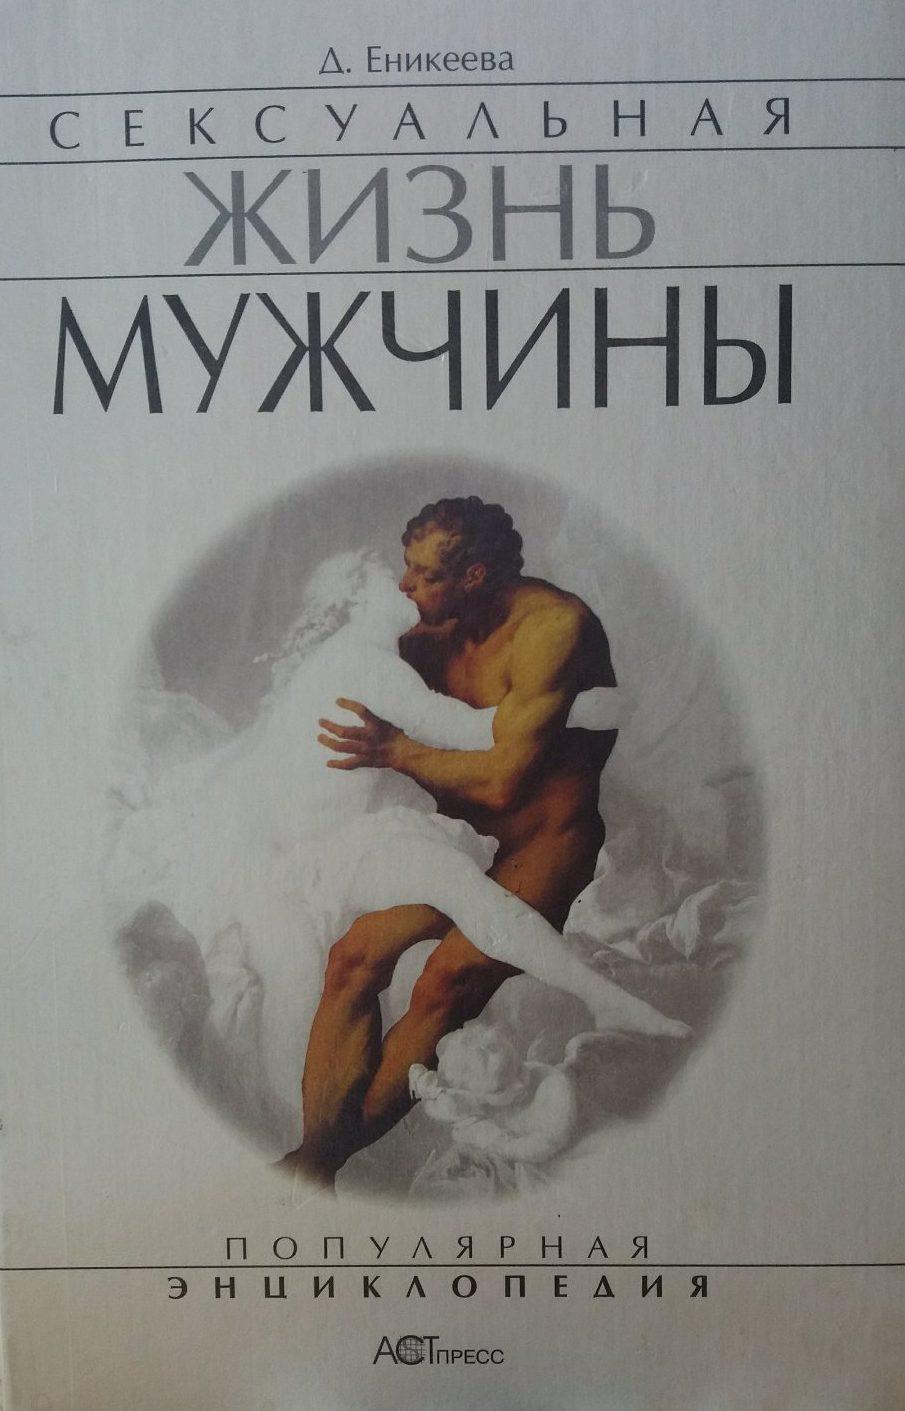 Сексуальная жизнь мужчины диля еникеева